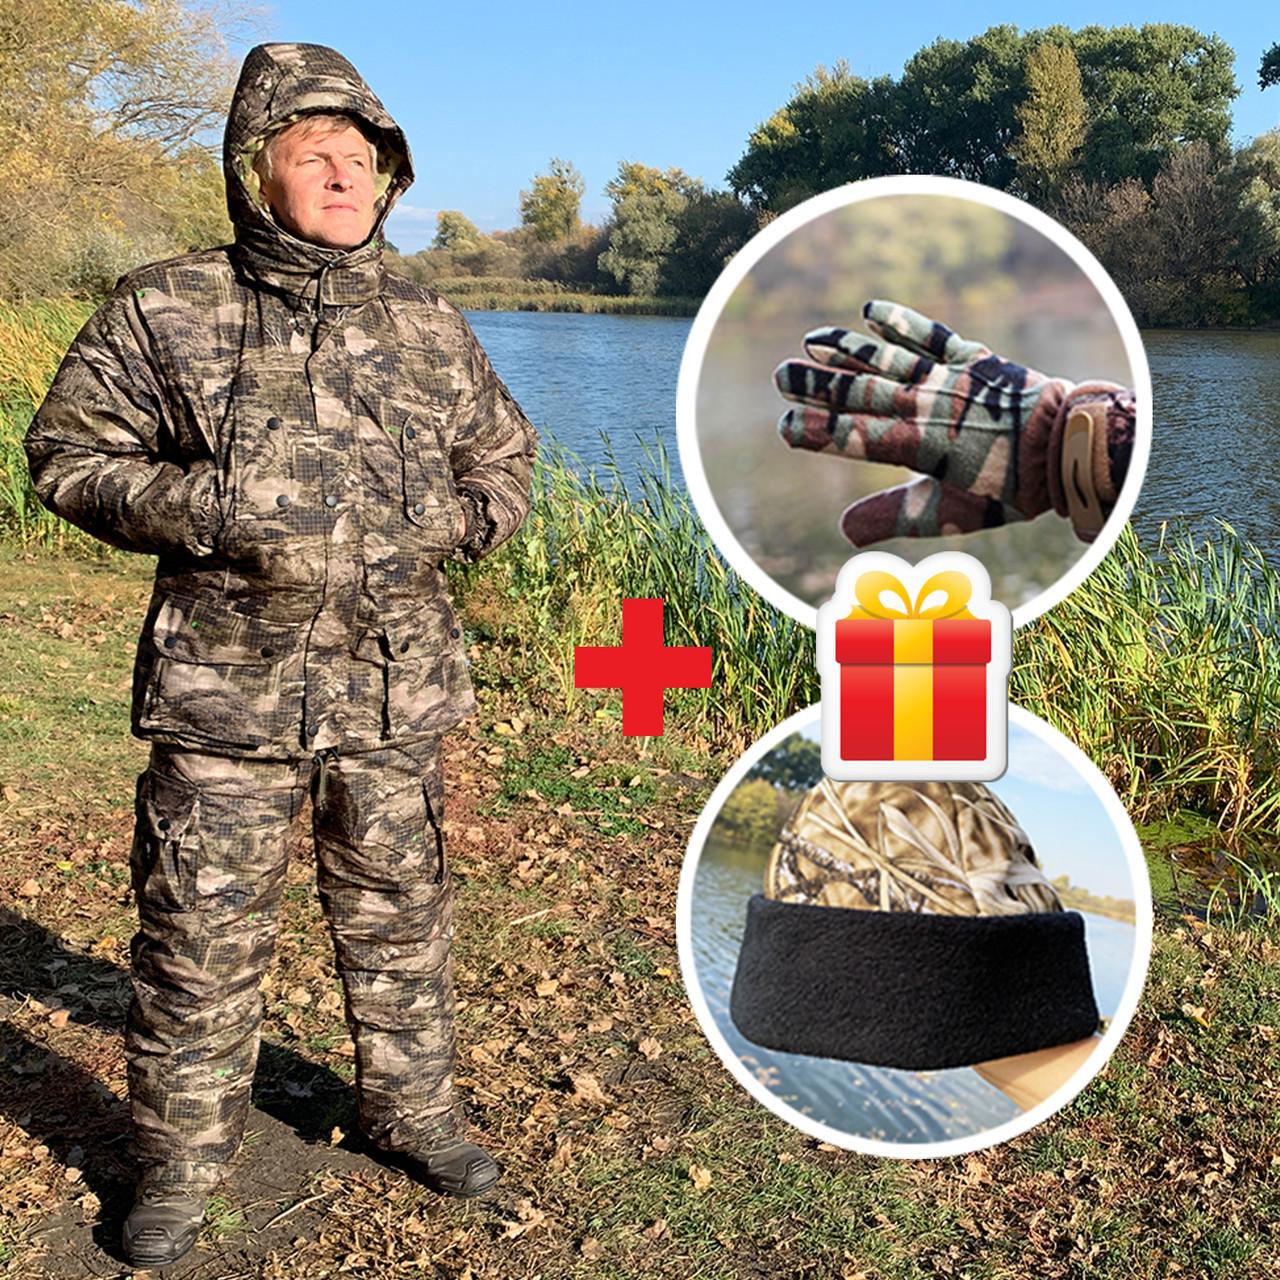 """Зимний костюм до -40° """"Mavens Зубр"""" Снайпер, для рыбалки, охоты, работы в холоде, размер 64-66 (031-0026)"""